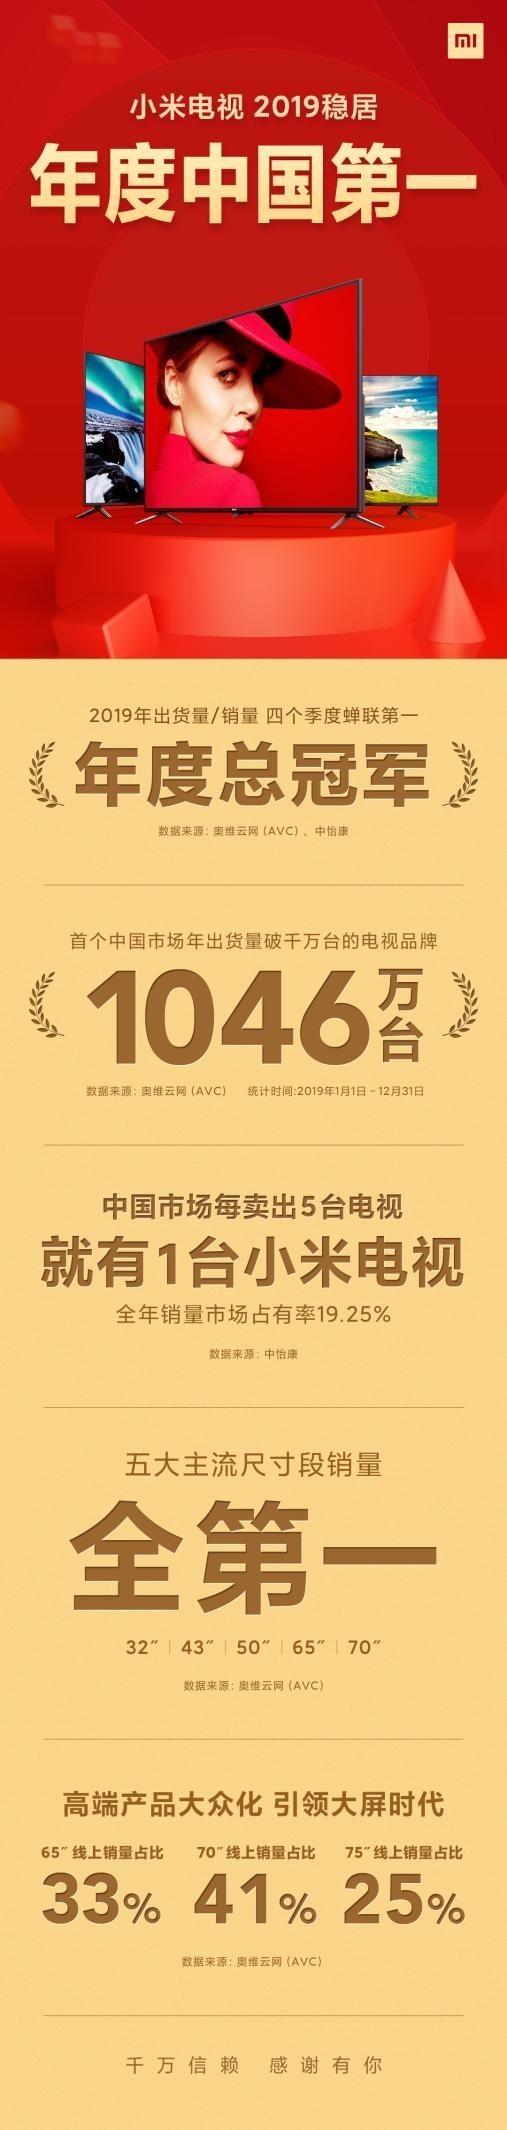 小米电视去年出货量超千万台 位居中国首位